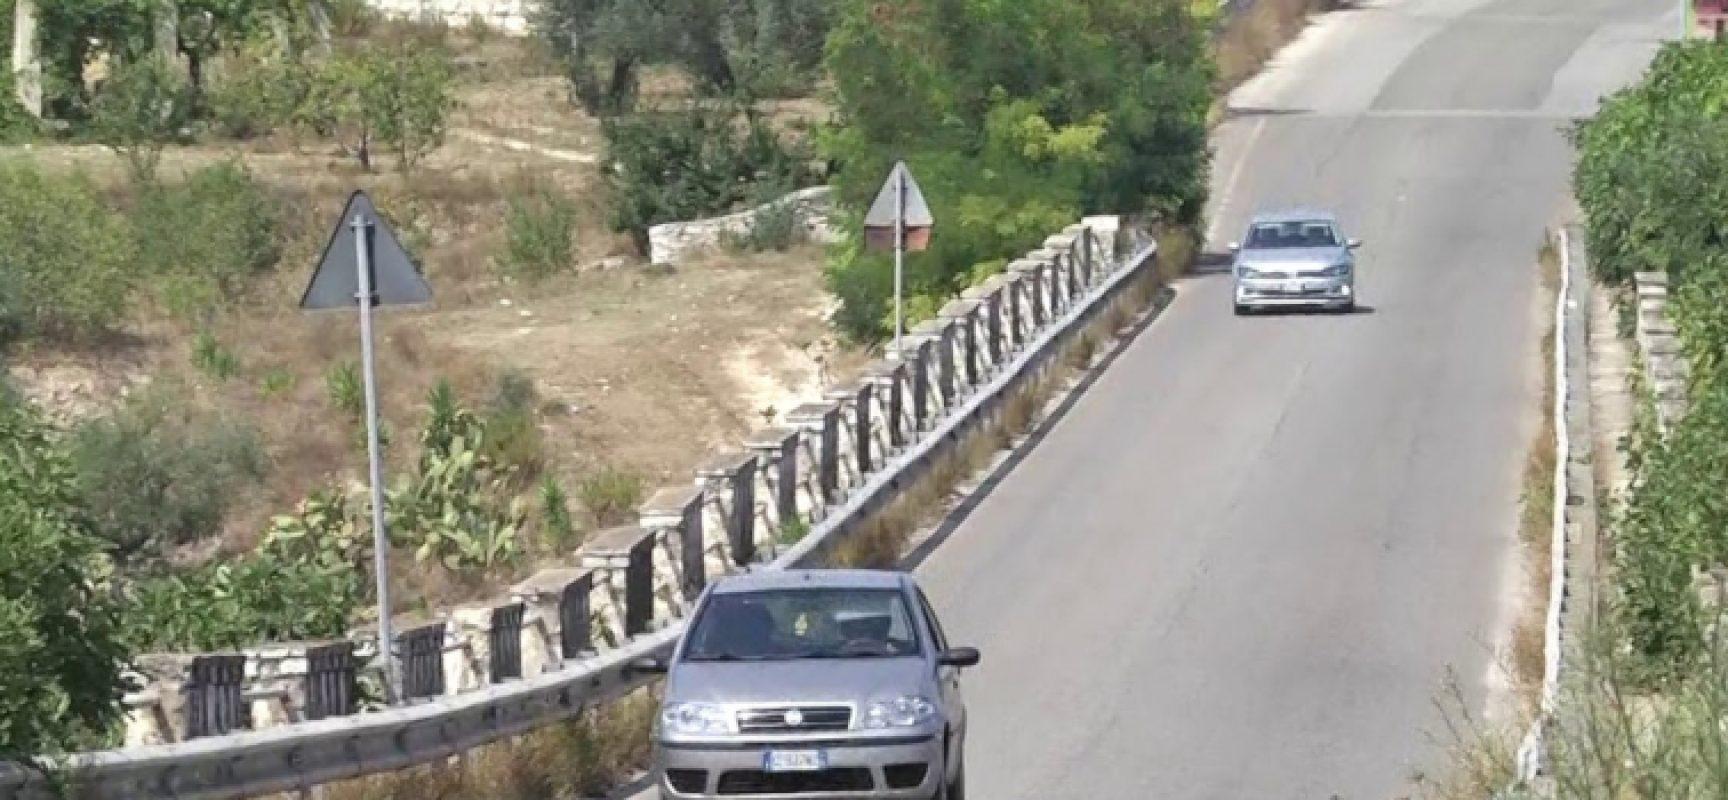 Cinque milioni per lavori su Ponte Lama: sindaco Angarano ringrazia Boccia